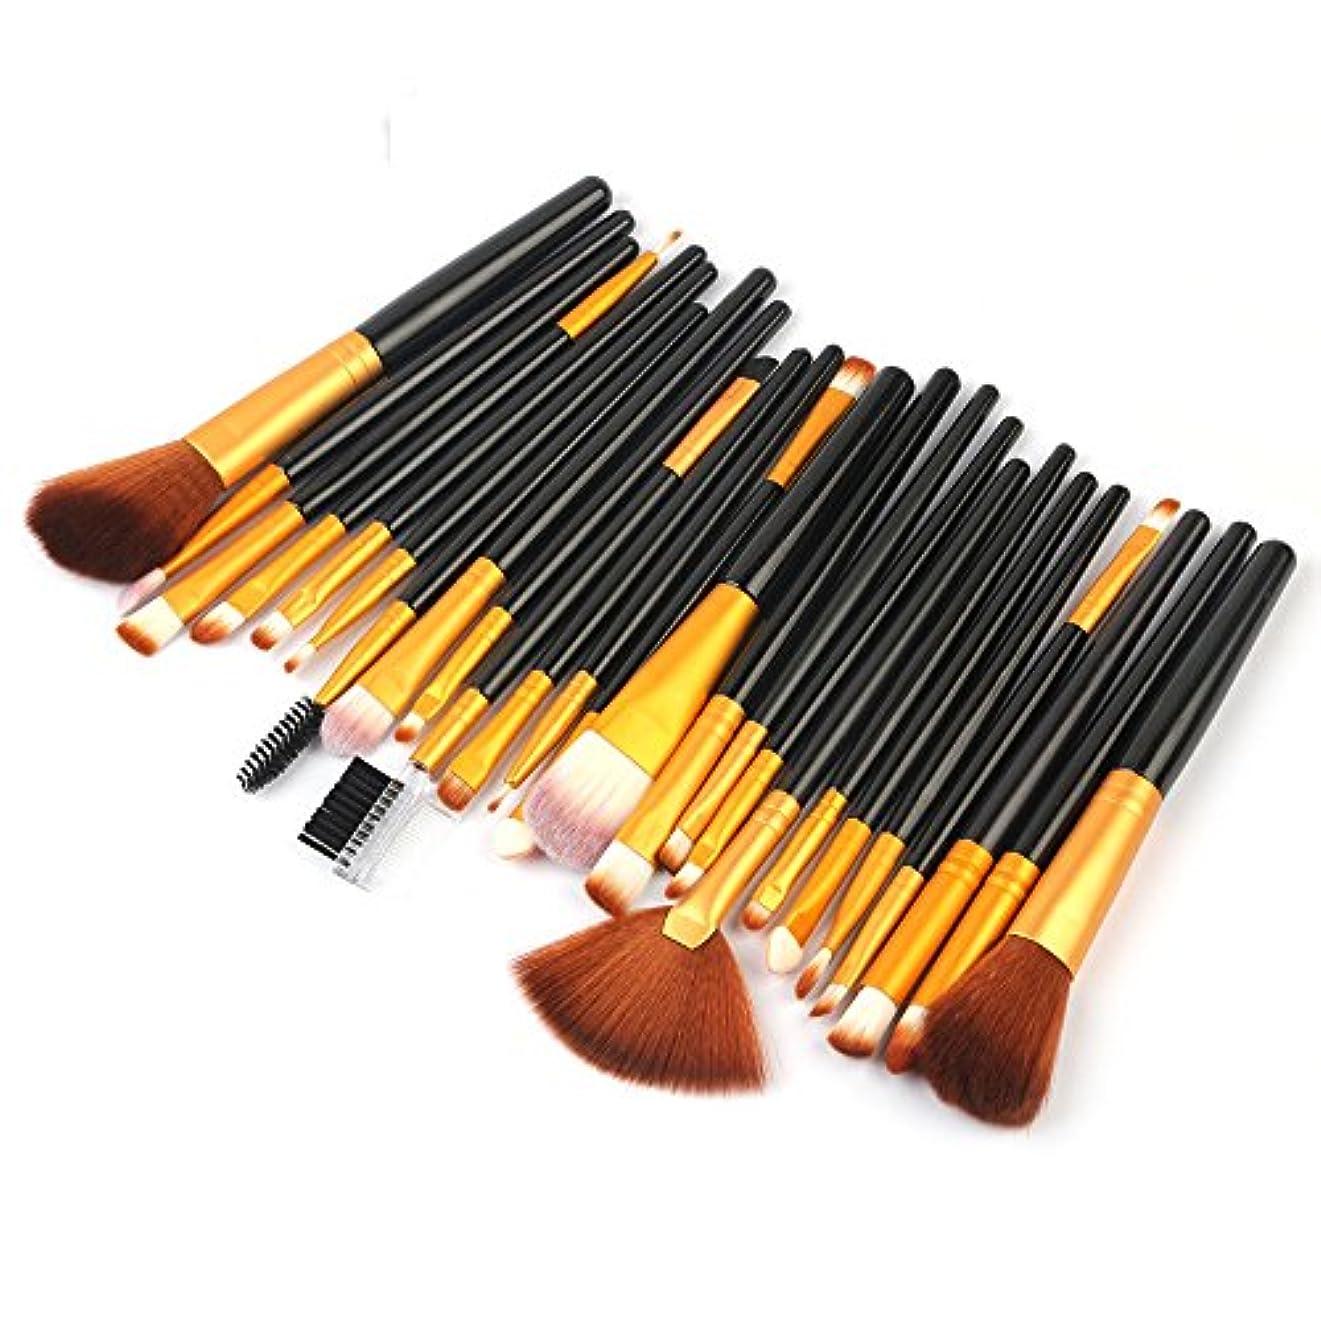 はずメタルラインブレスAkane 25本 プロ 高級 魅力的 高品質 綺麗 美感 たっぷり セート 多機能 使いやすい おしゃれ 便利 柔らかい 激安 日常 仕事 Makeup Brush メイクアップブラシ HJ25